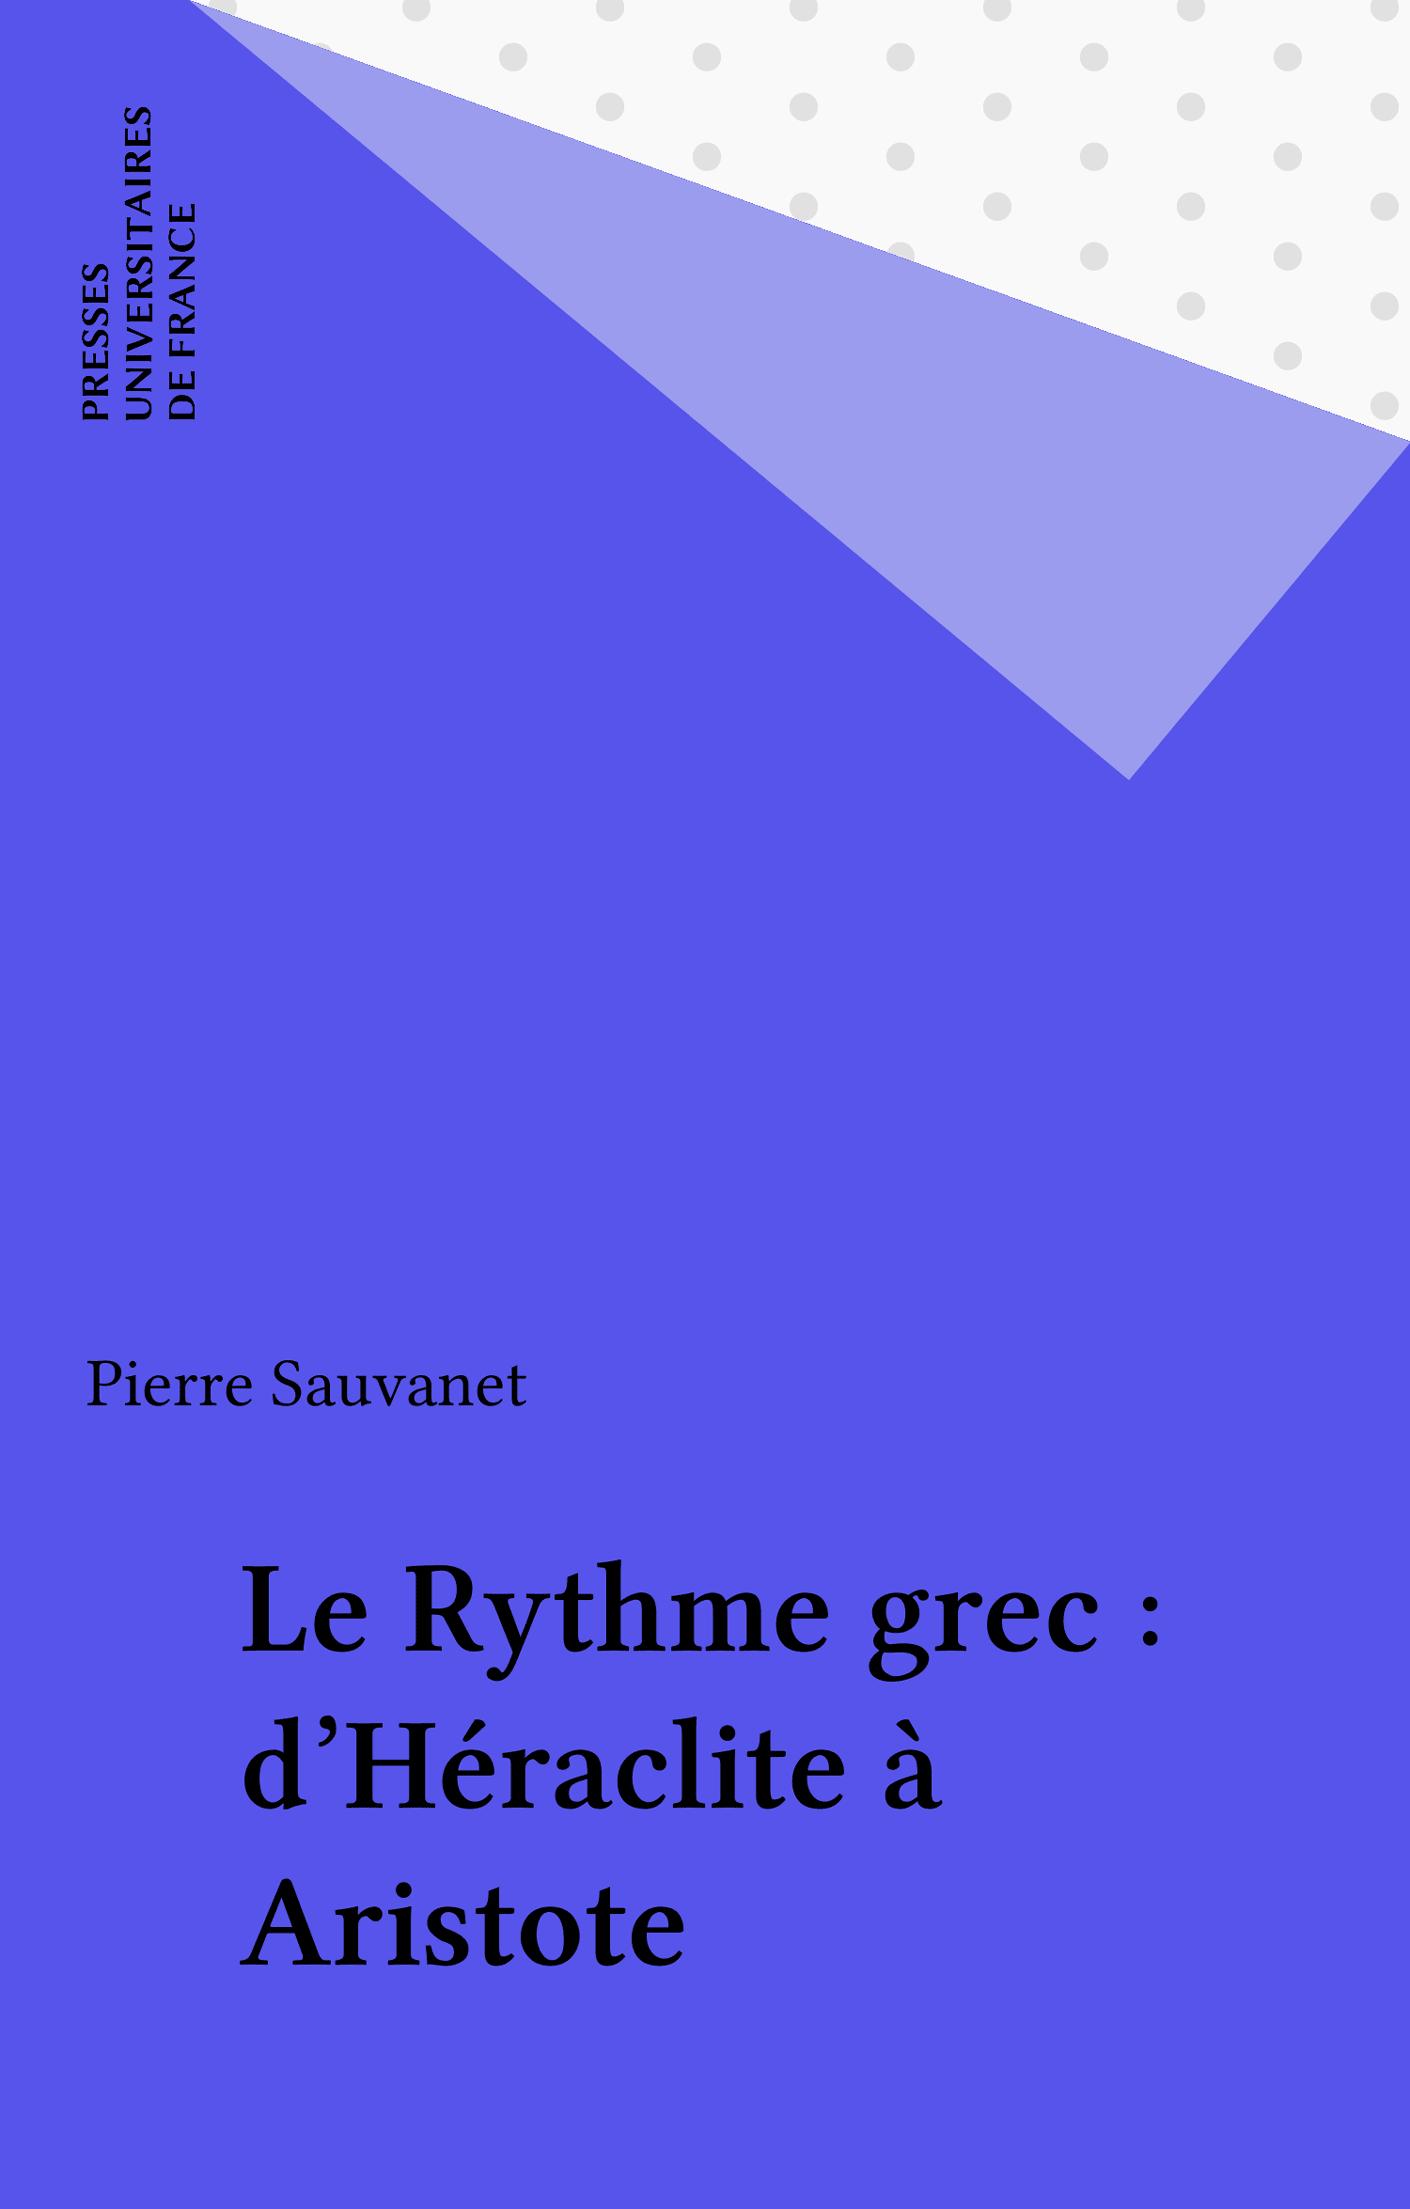 Le Rythme grec : d'Héraclite à Aristote